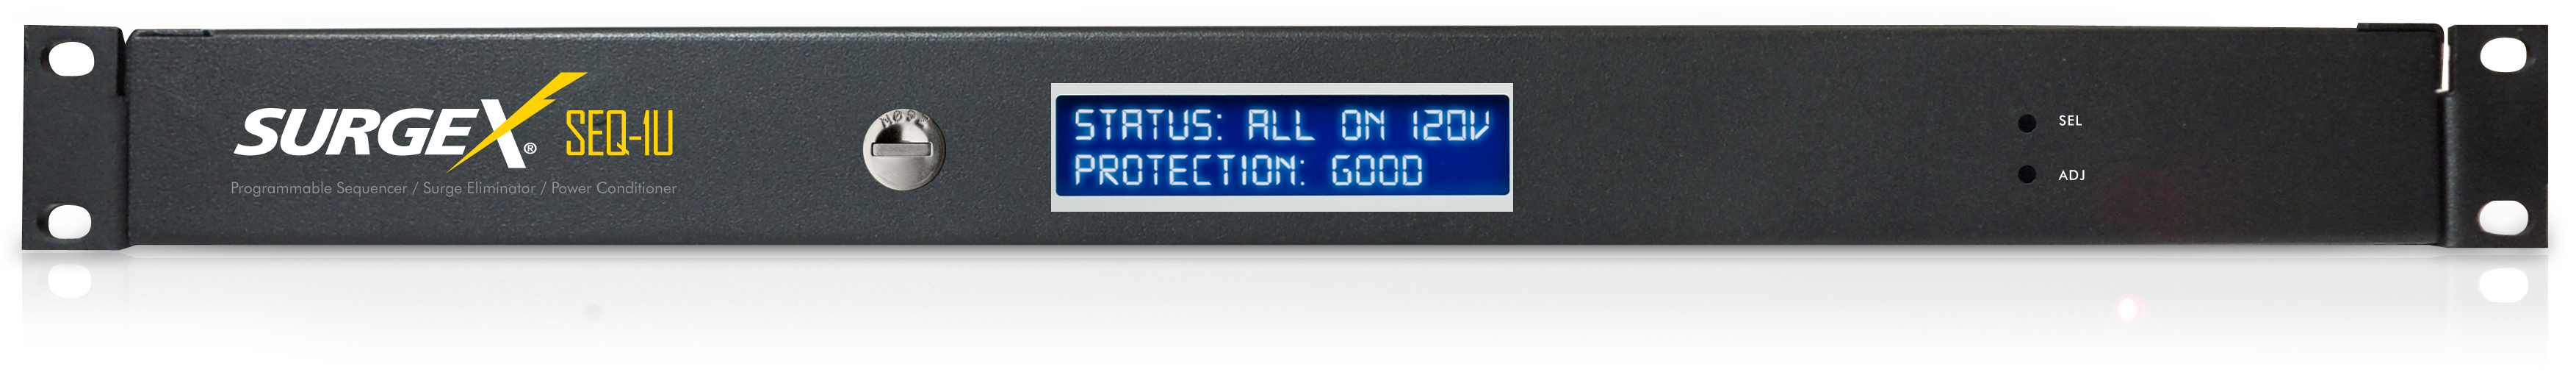 SurgeX, la marca que cuida tus componentes electrónicos